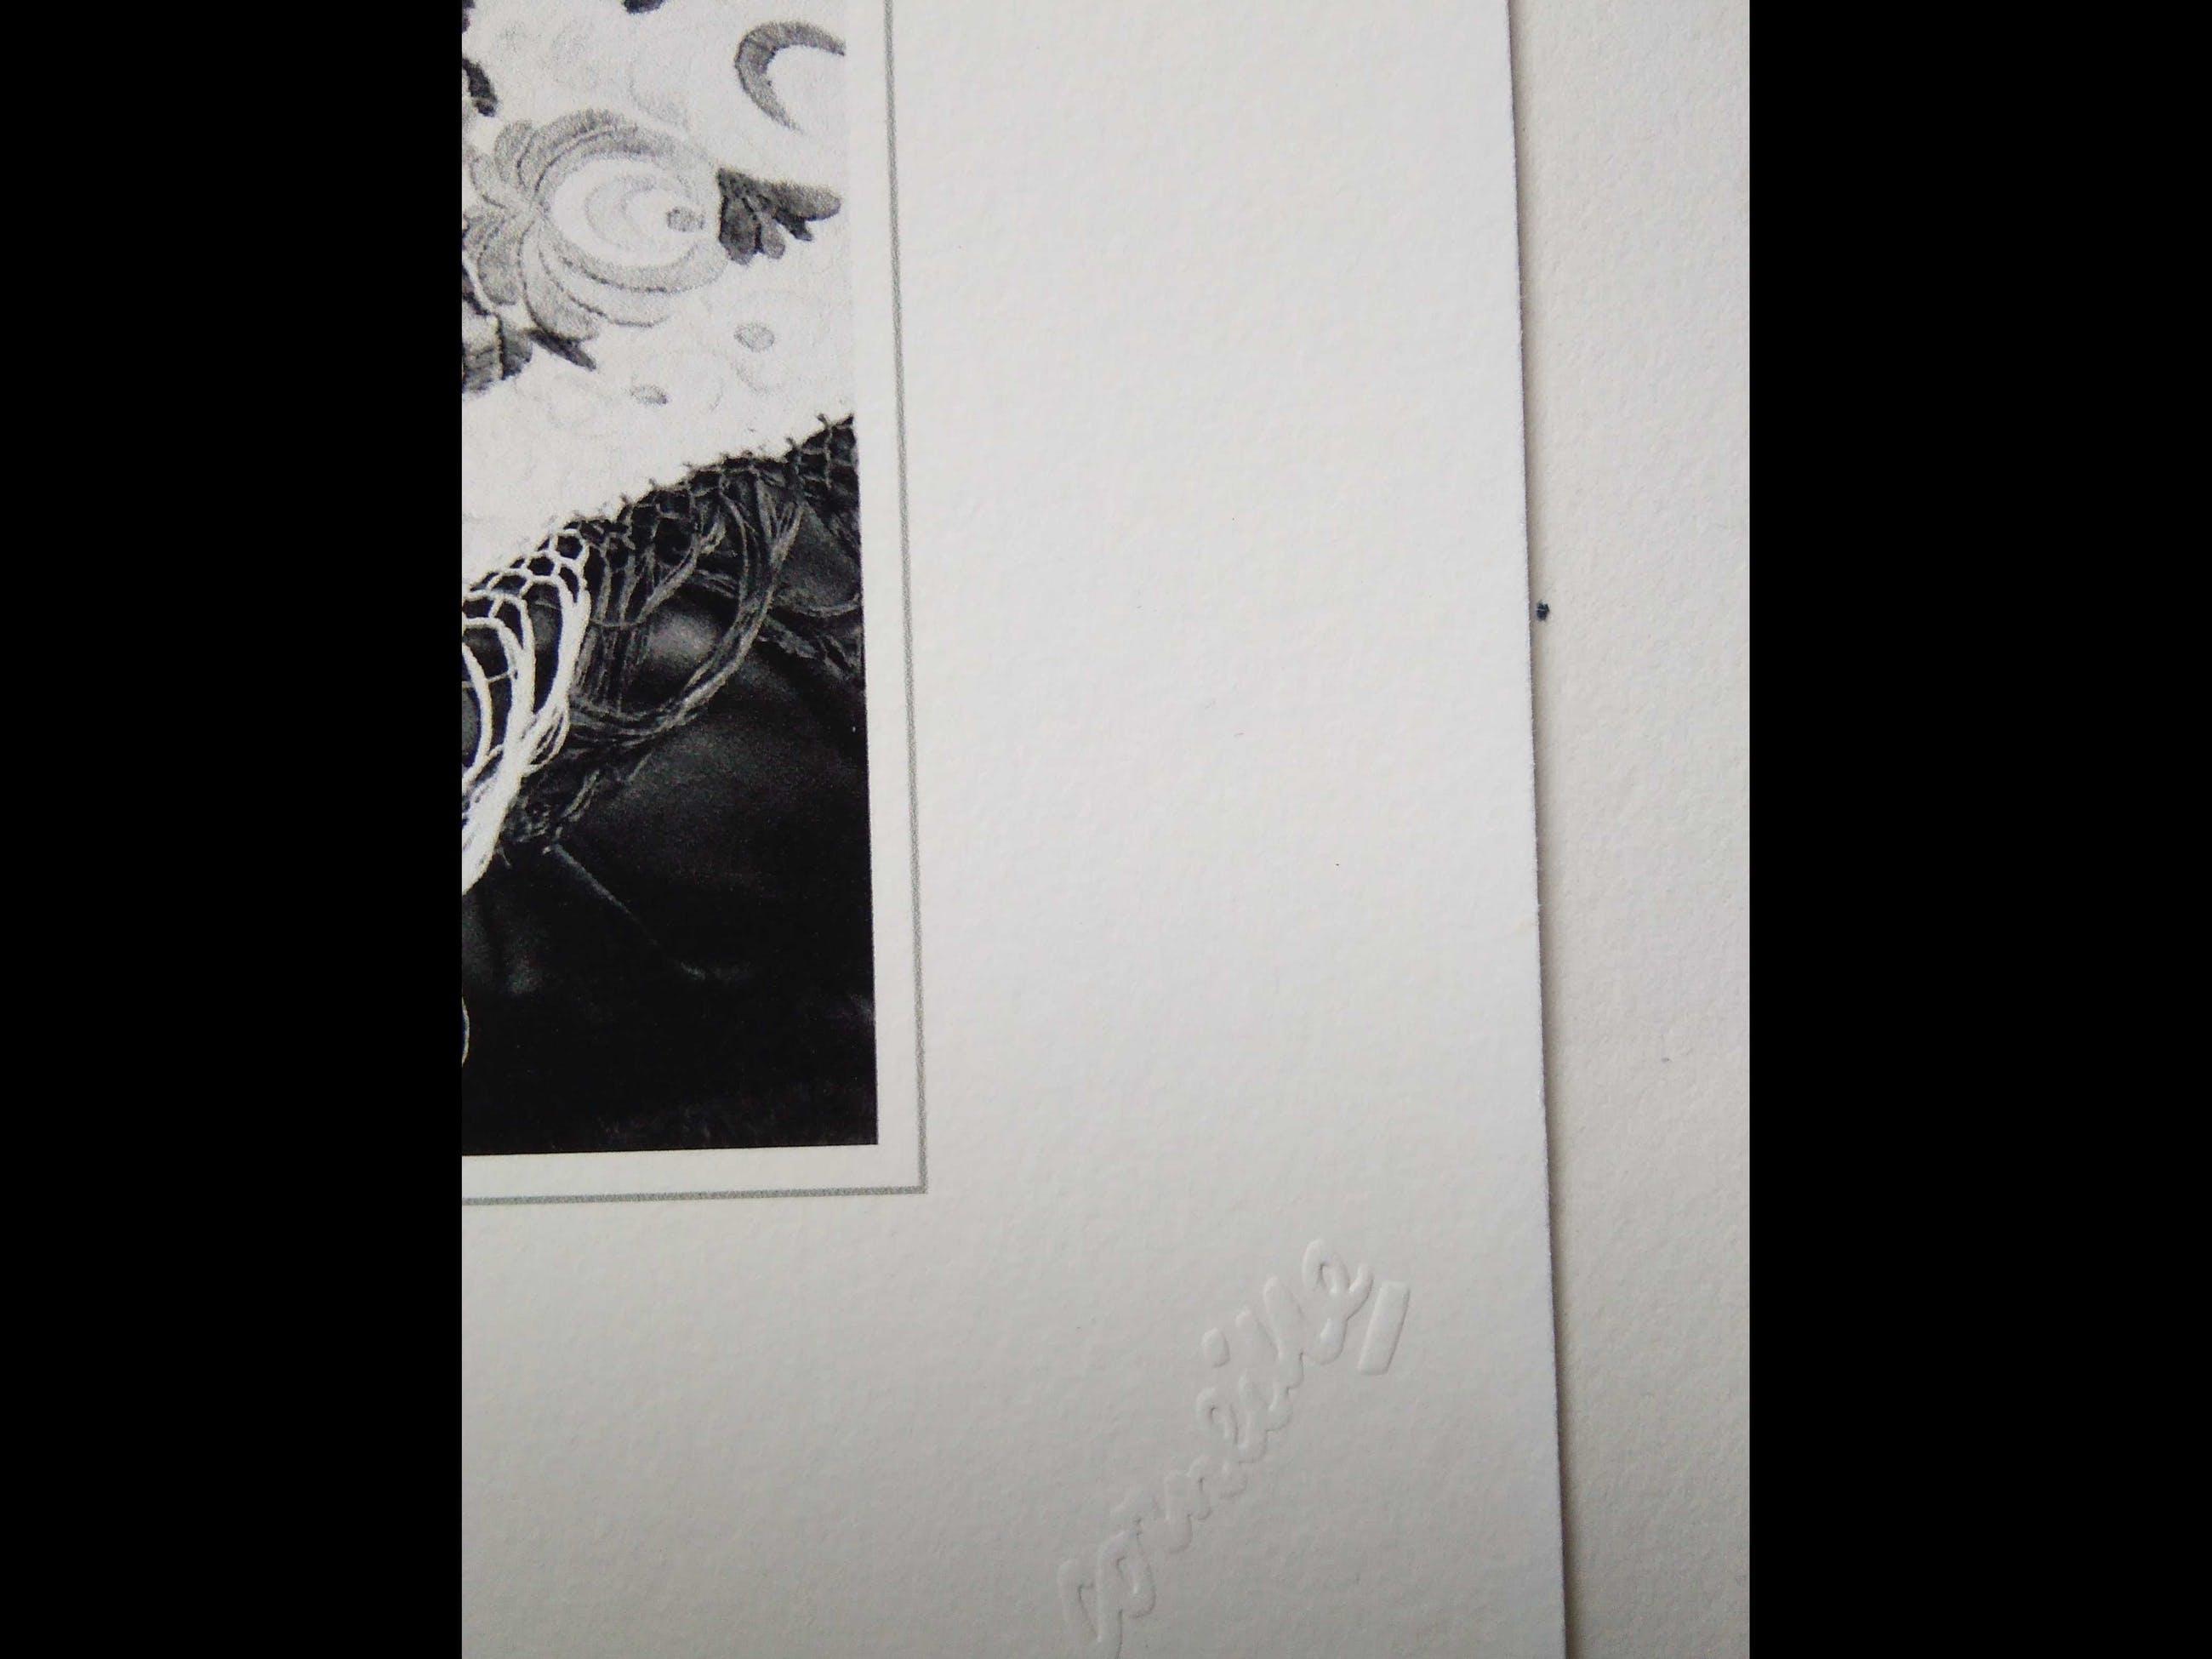 Corneille - Fotogravure (Piezo grafiek) 2002 kopen? Bied vanaf 25!